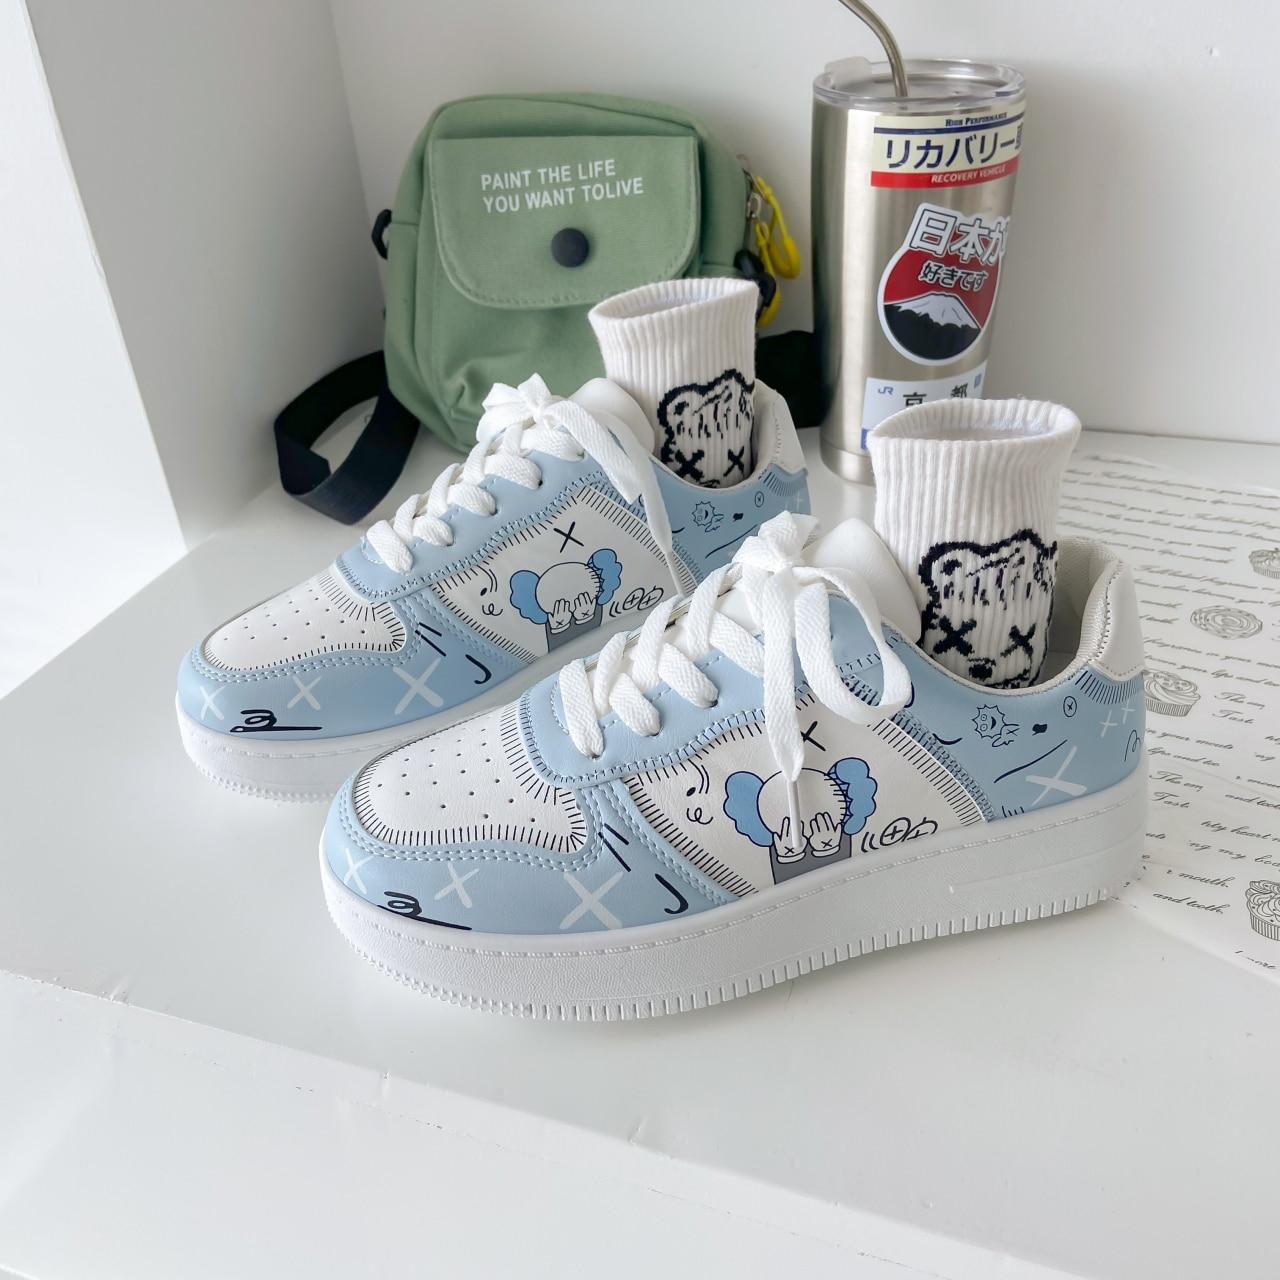 Женские кроссовки, обувь на платформе, Белая обувь, граффити, модная спортивная обувь, кавайная трендовая повседневная обувь, Студенческая обувь, 2021